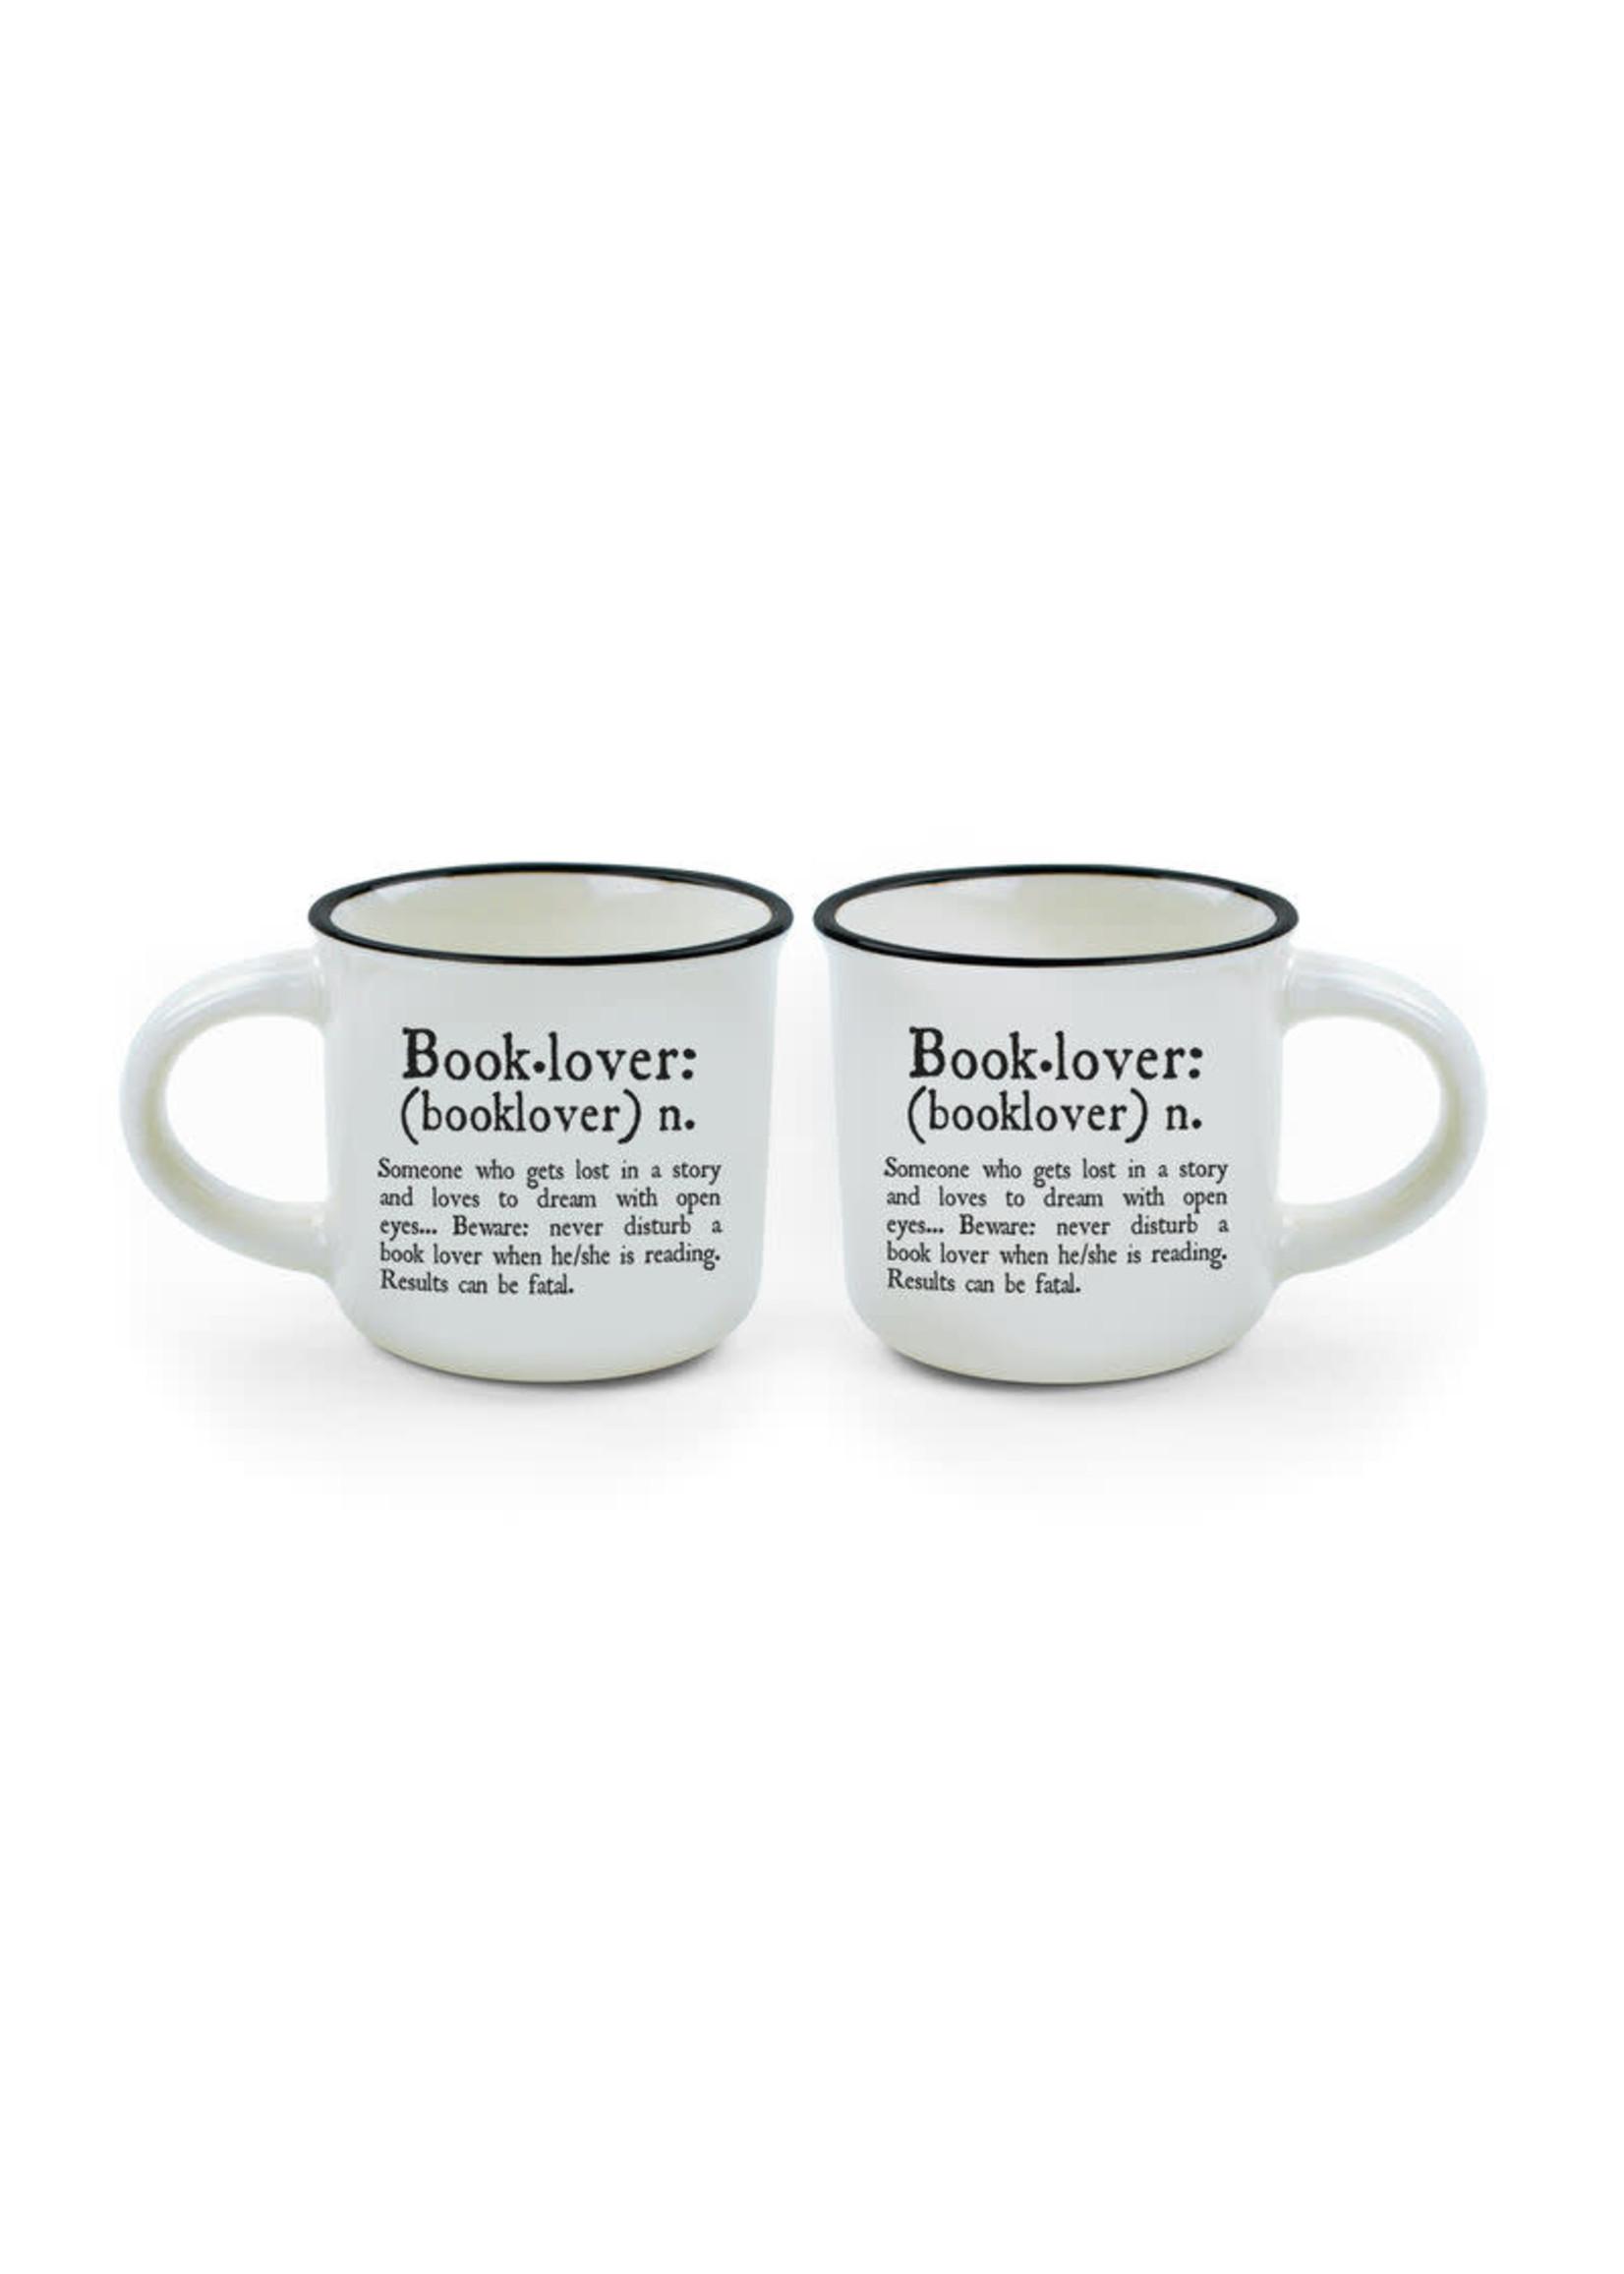 Legami Espresso for Two Booklover